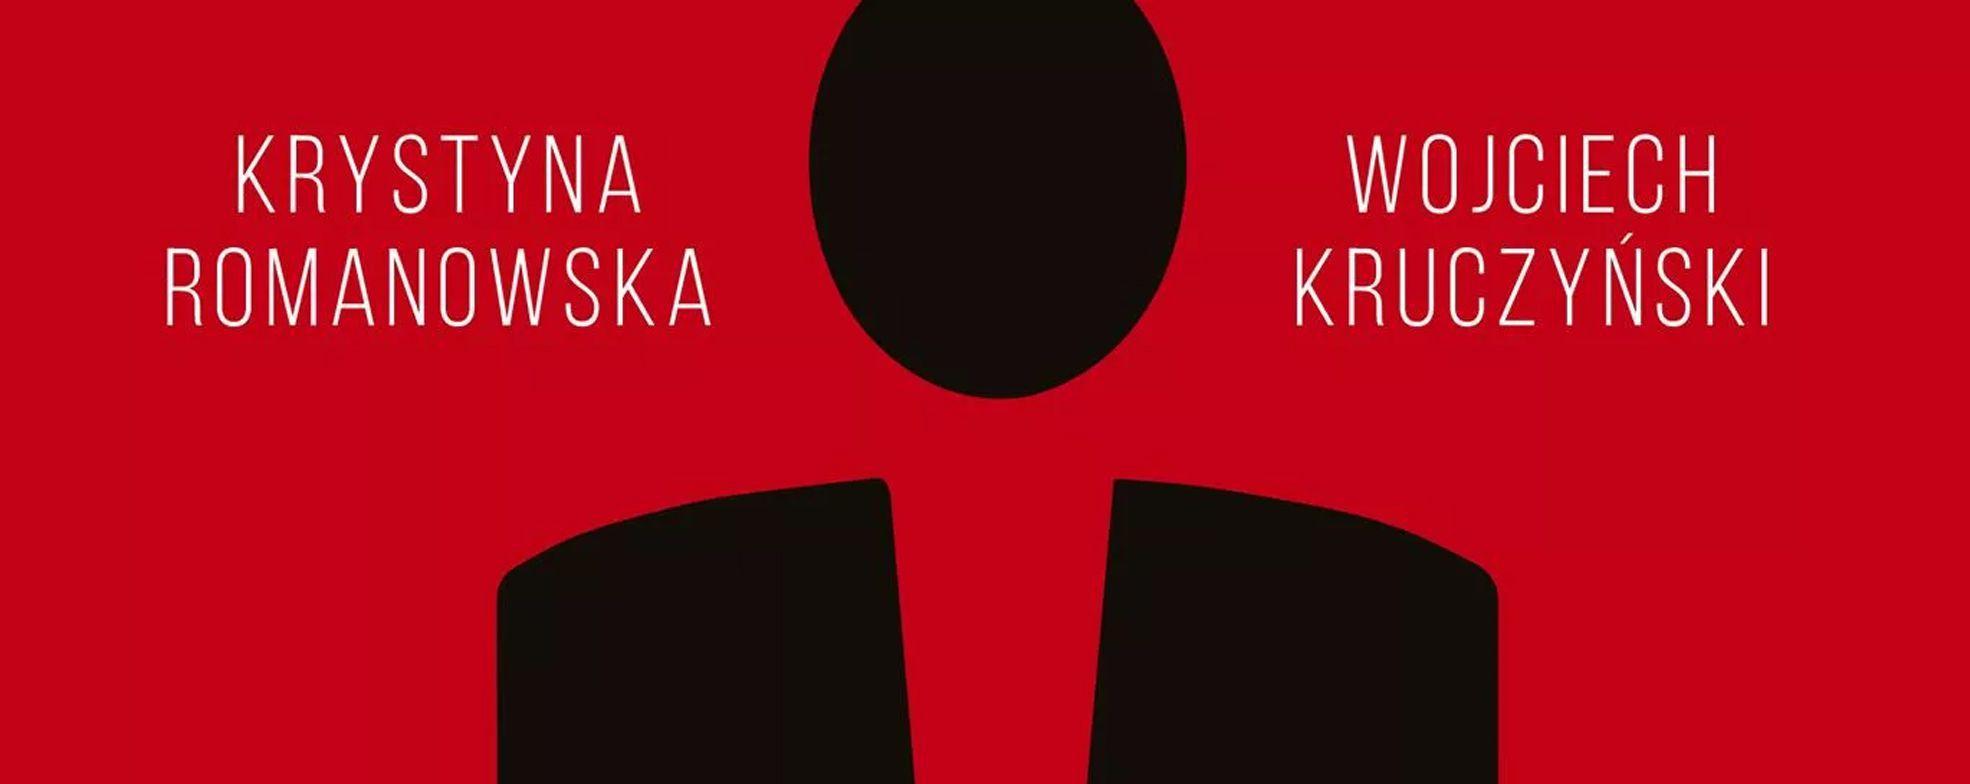 Mężczyzna bez winy i wstydu - wywiad z Wojciechem Kruczyńskim i Krystyną Romanowską